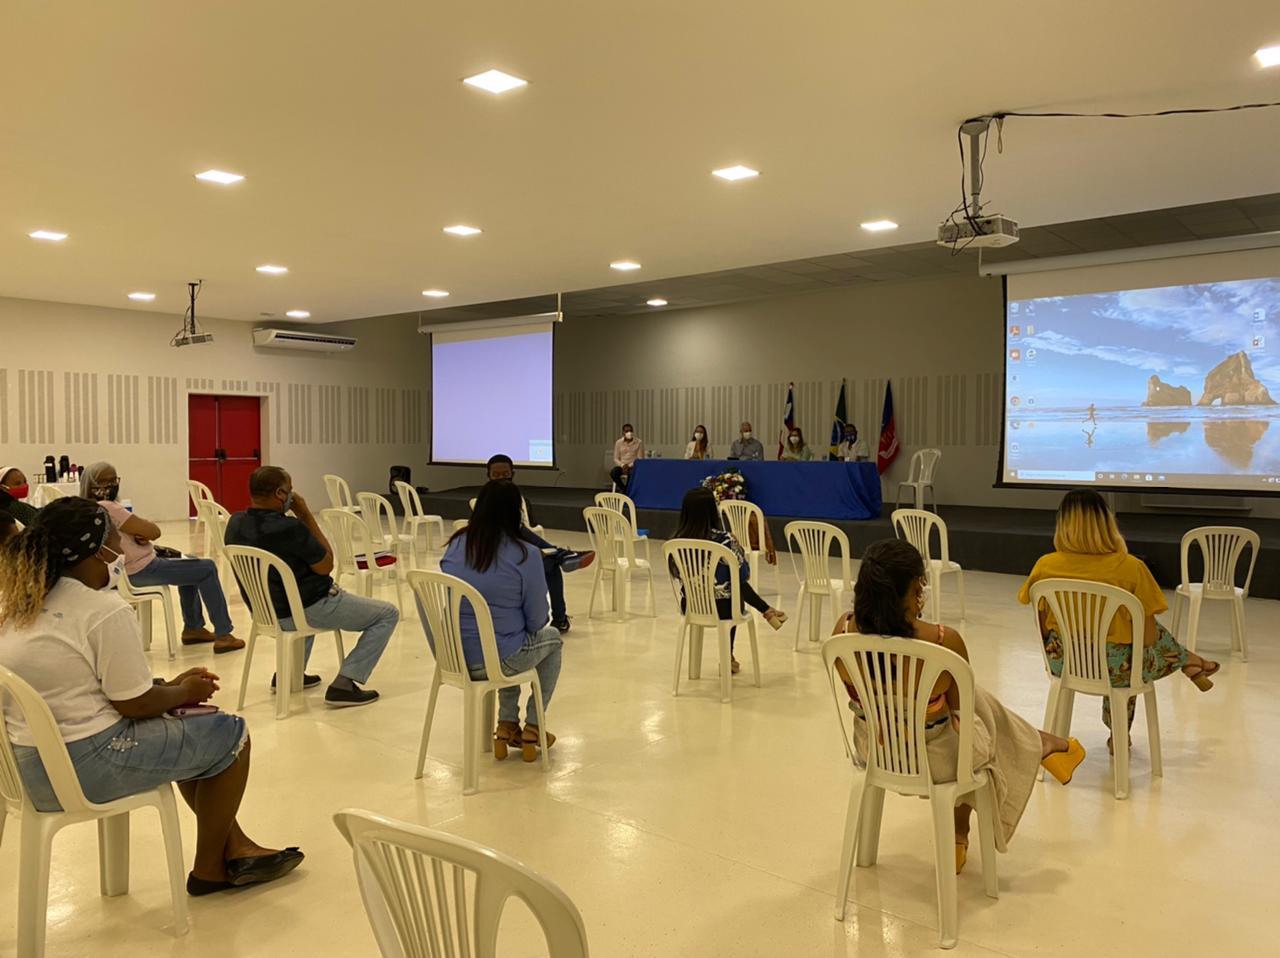 SEDUC promoveu Curso de Formação para o Conselho do FUNDEB para aprimorar os conhecimentos